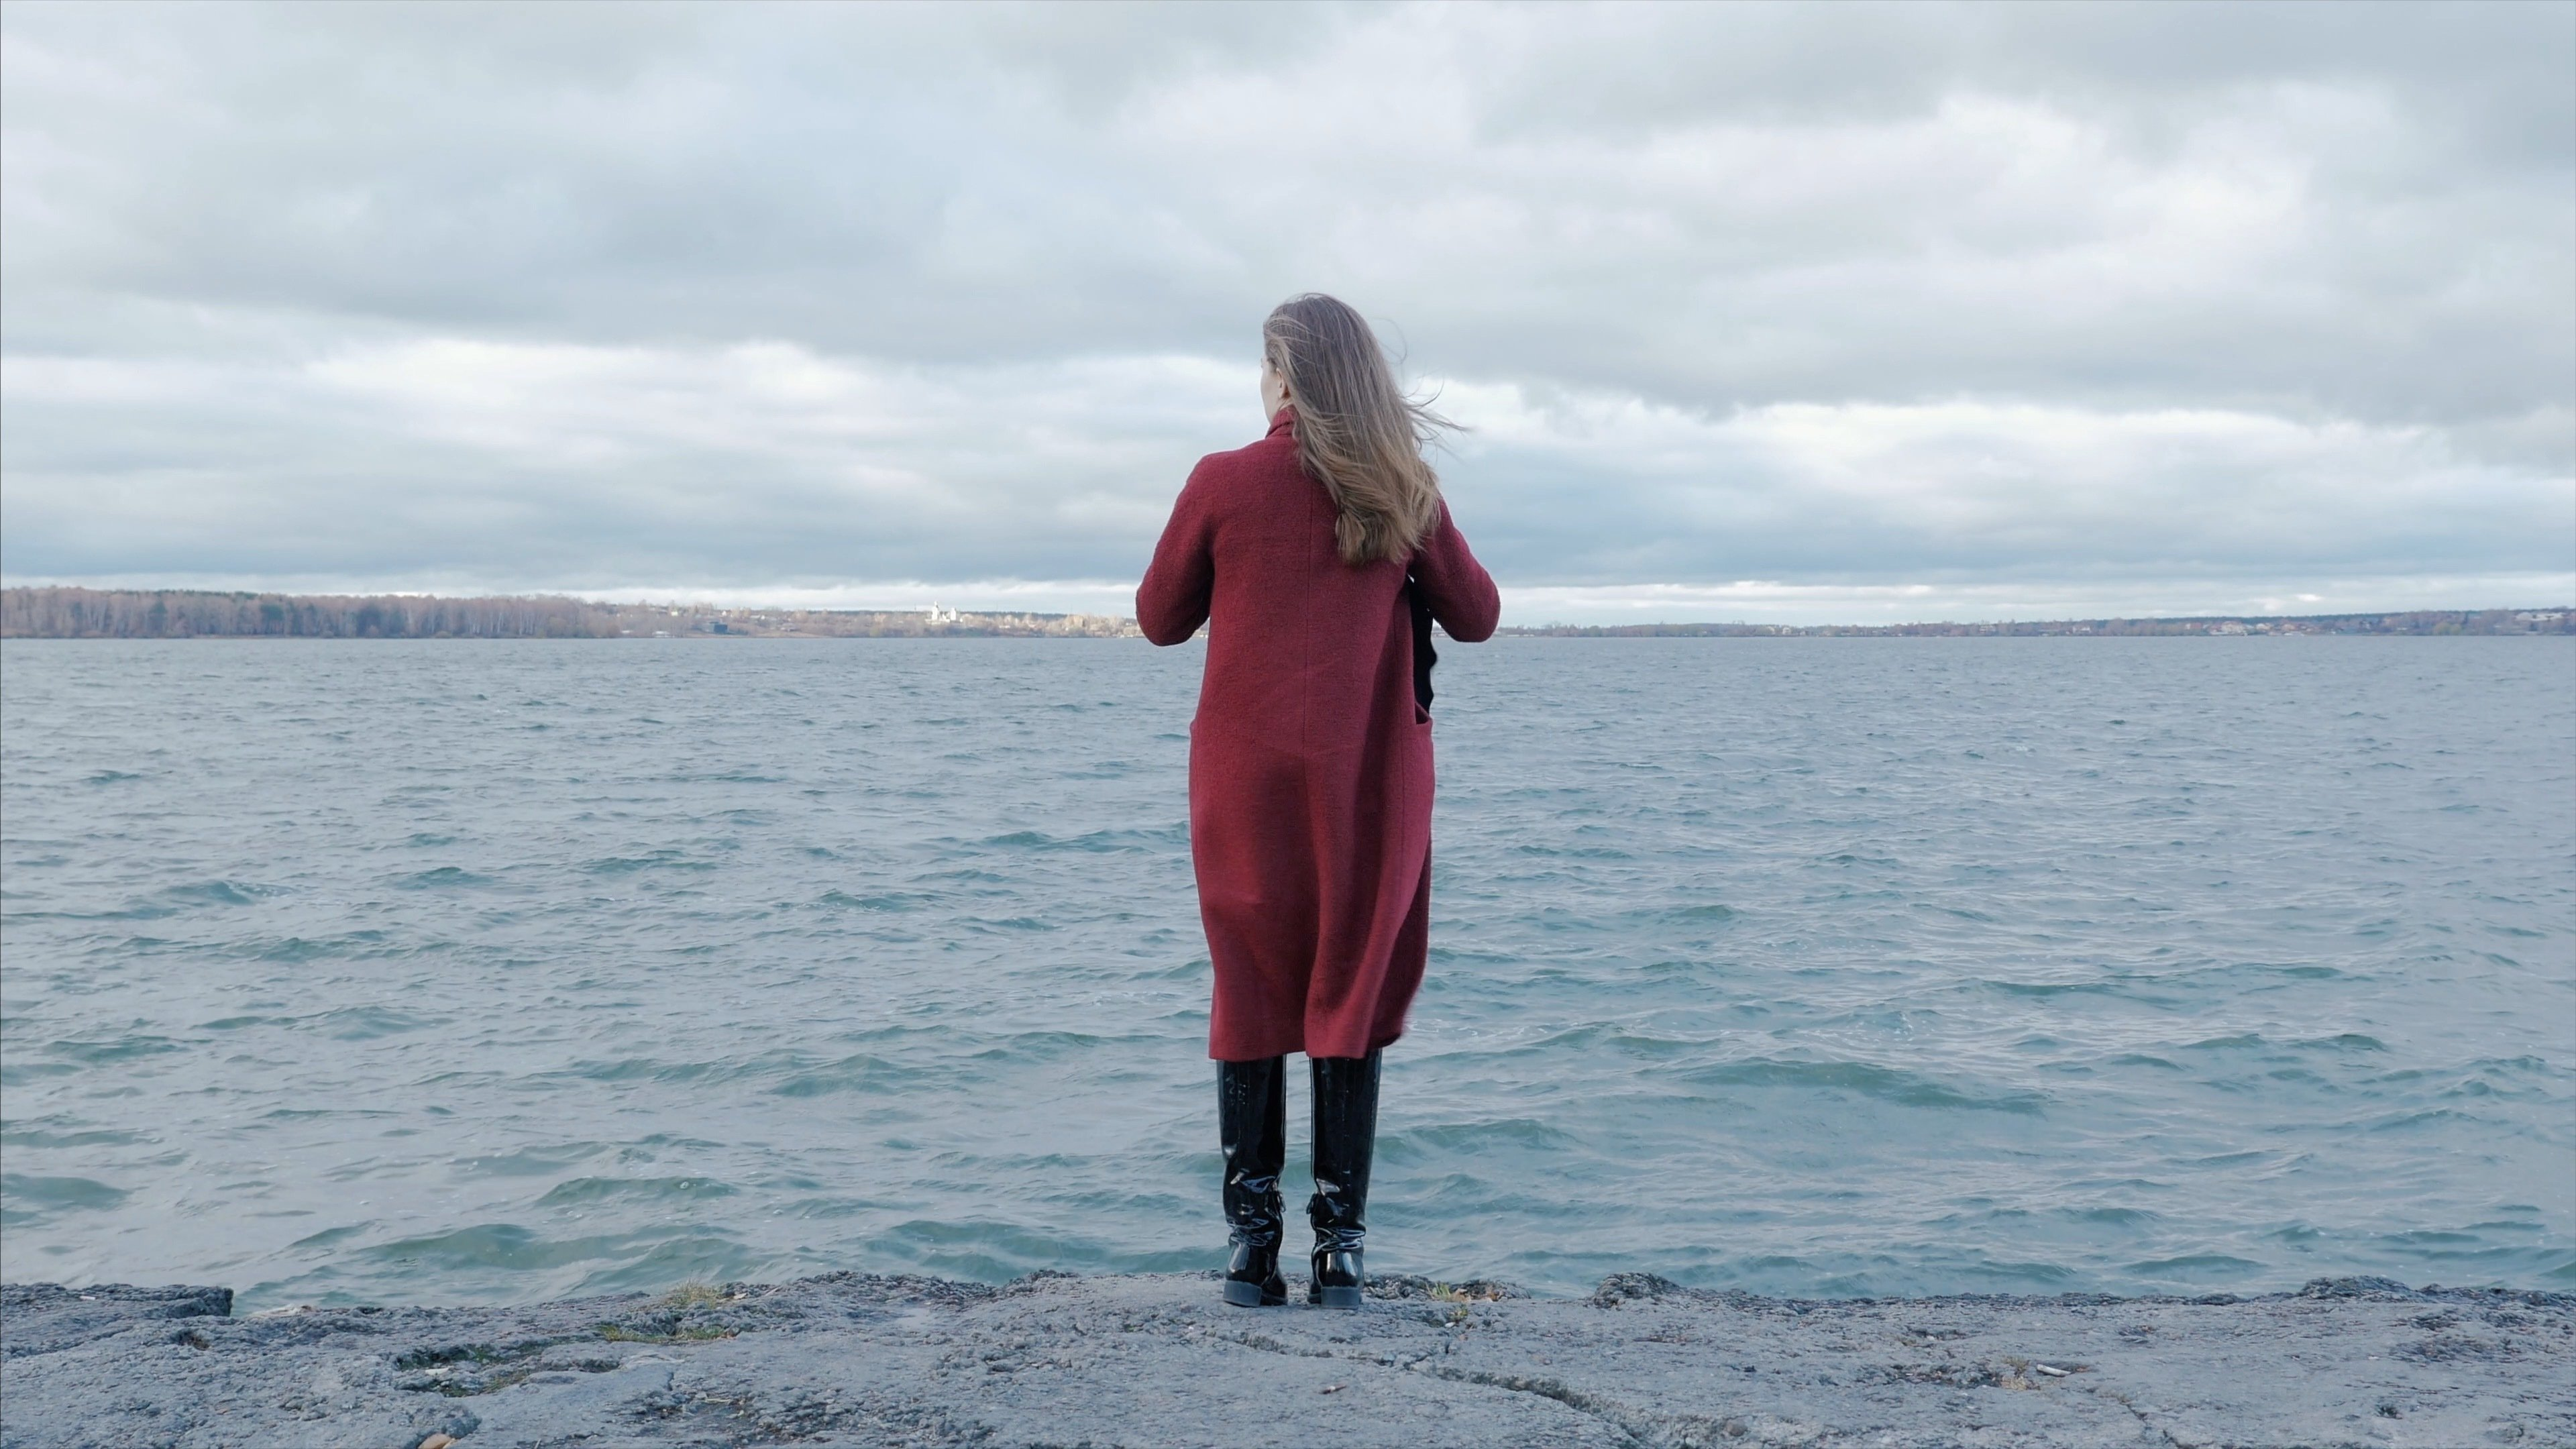 Femme débout sur la plage. | Photo : Shutterstock